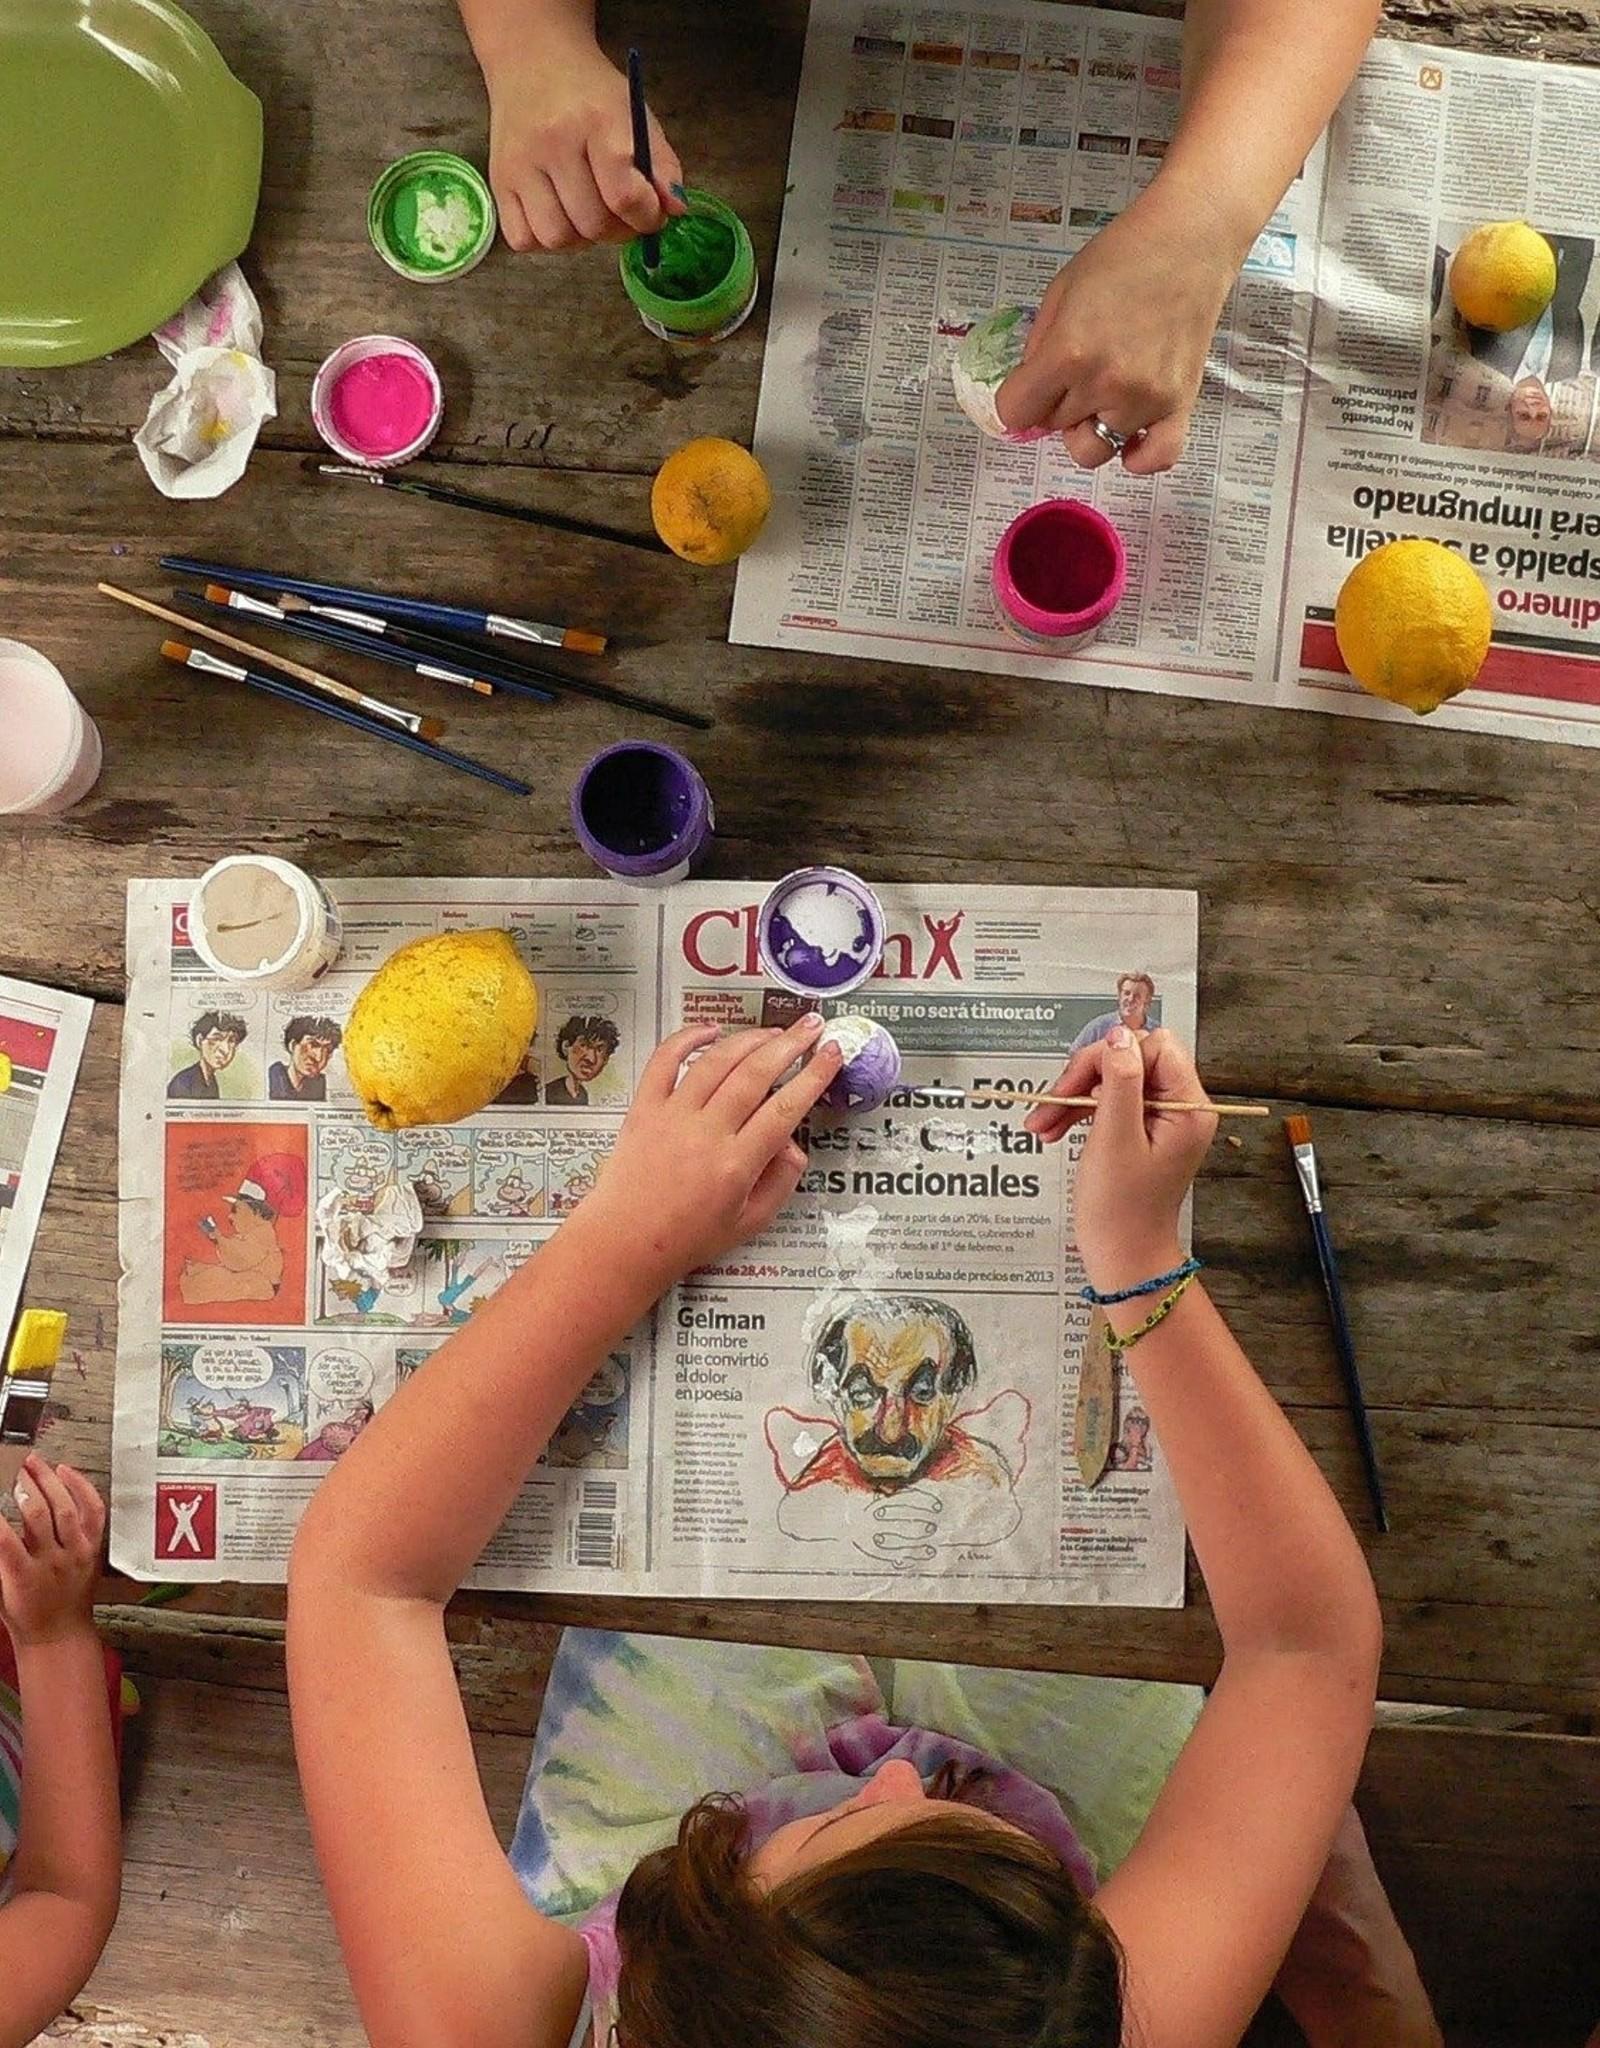 FTLA Creative Exploration Tues Dec 08 4:15-5:15 pm